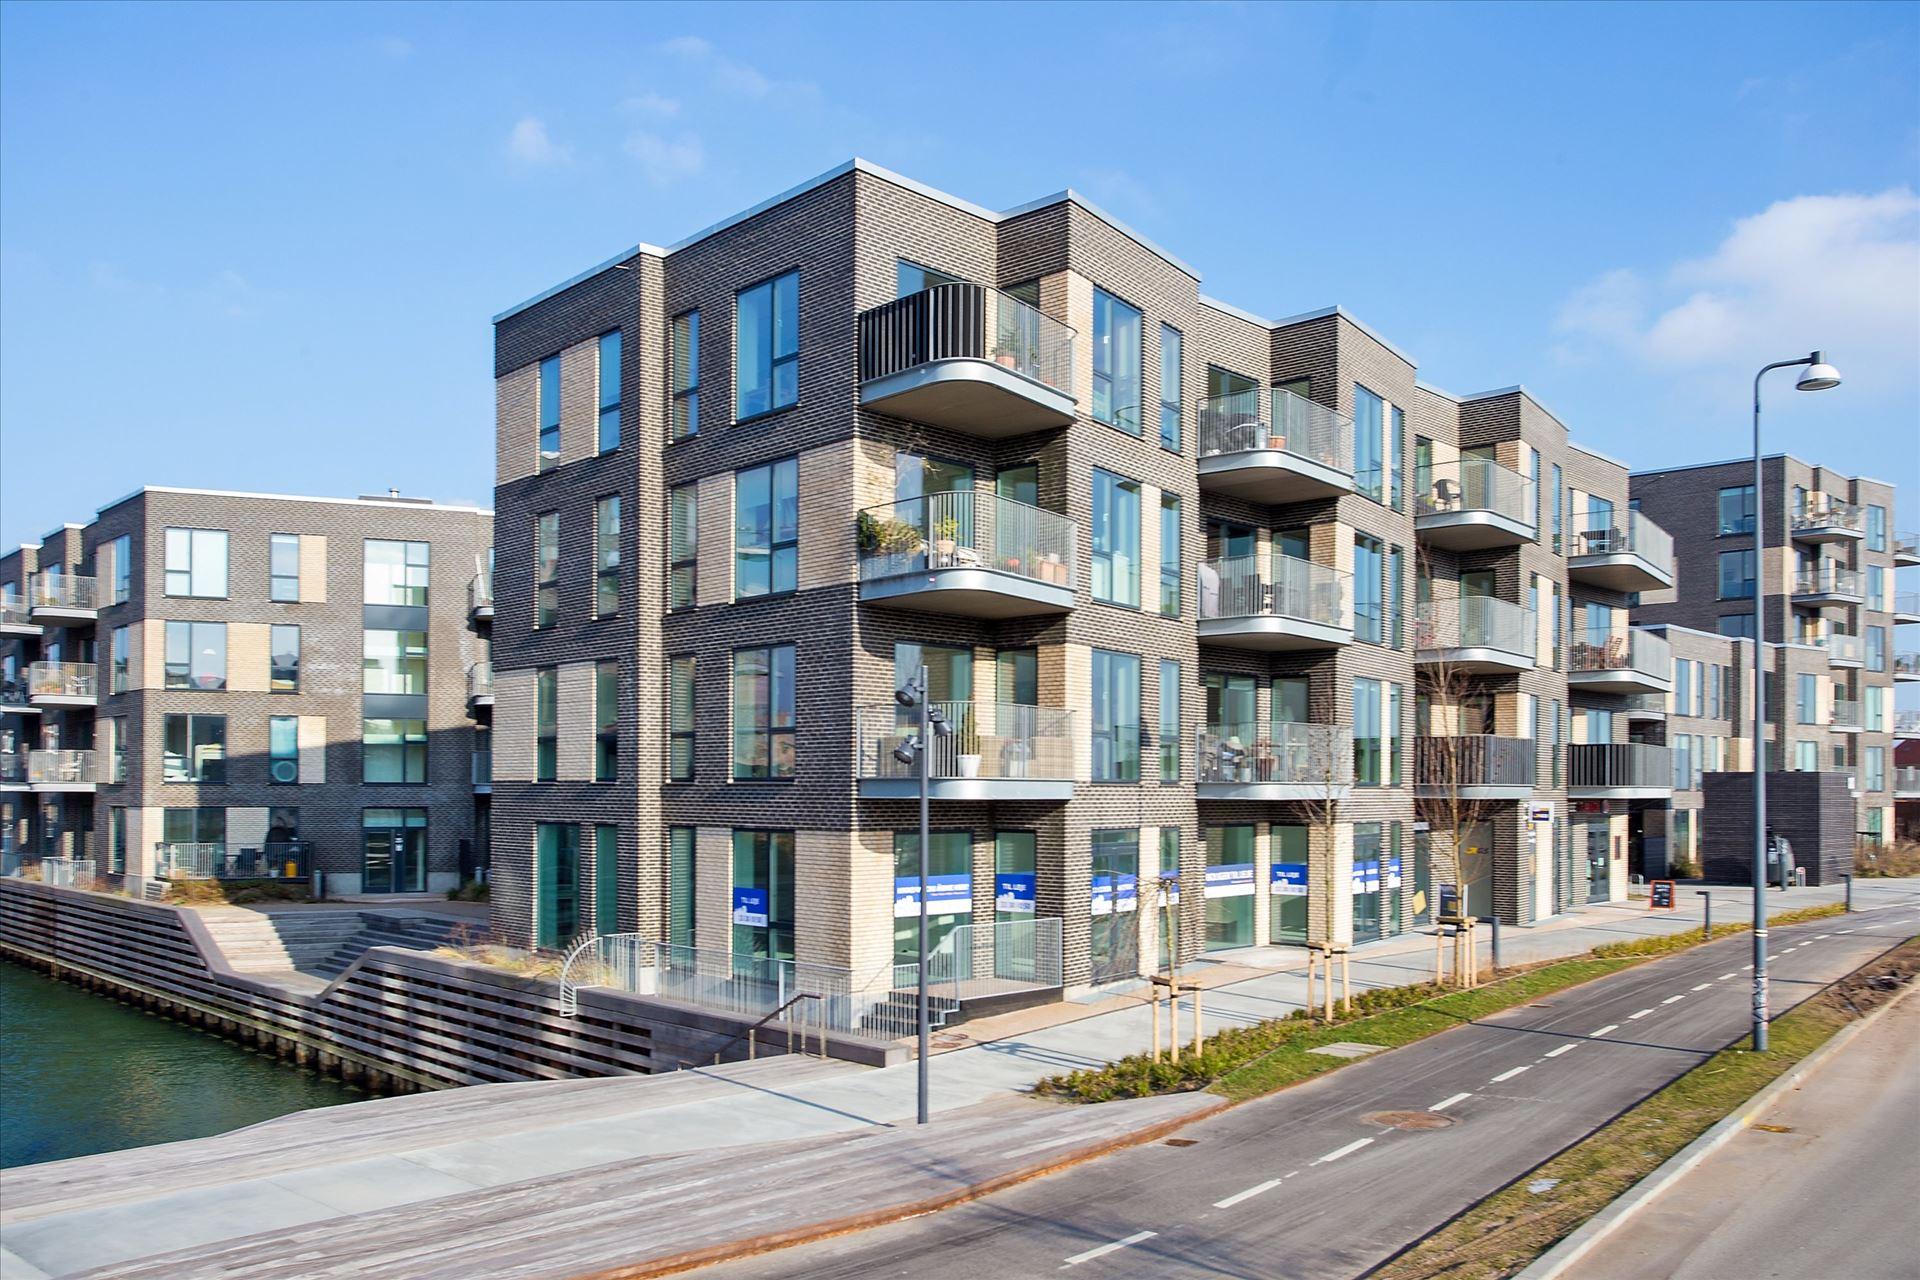 103 m² butik – ved Nordhavn – momsfri